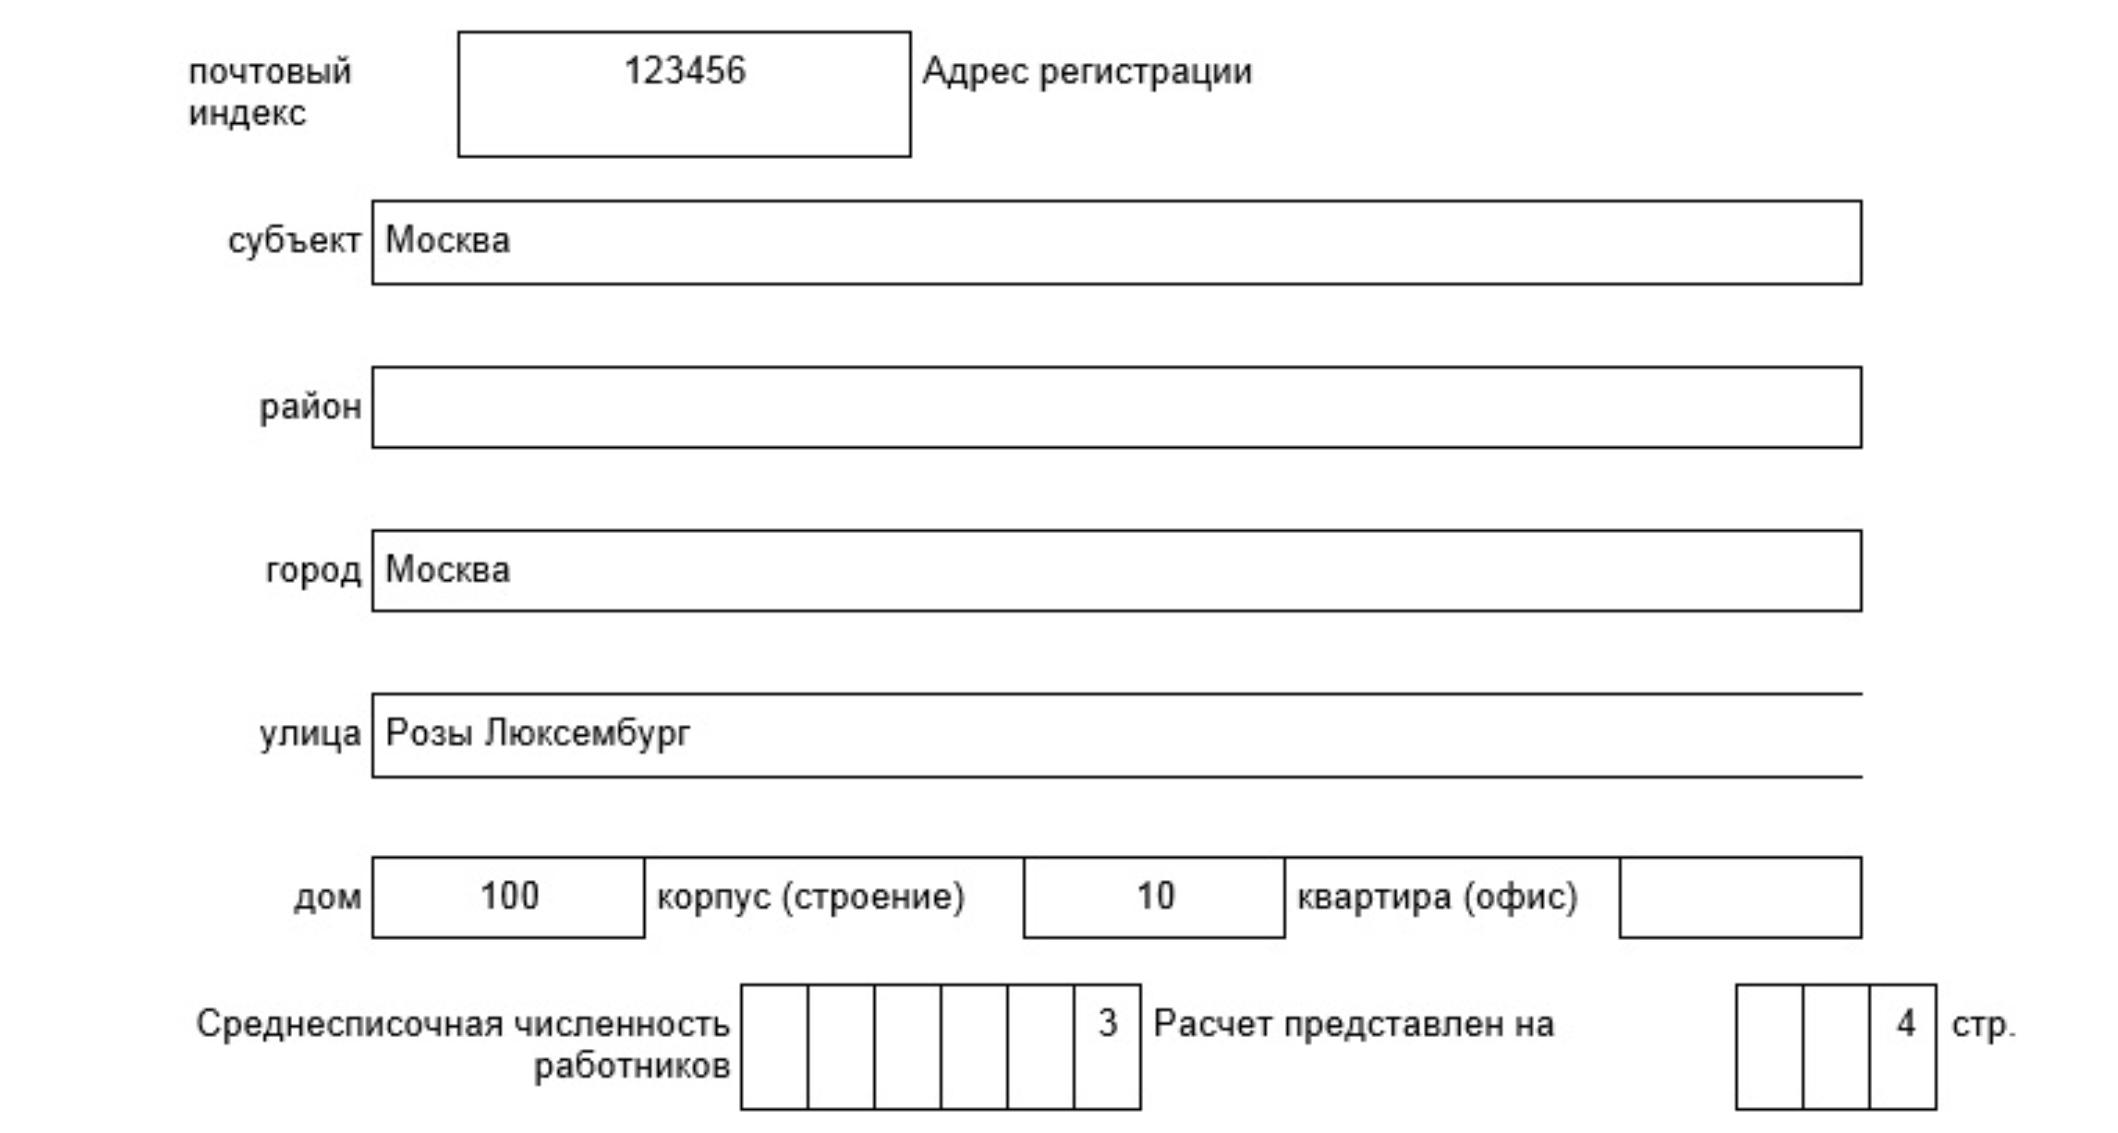 регистрация иностранных граждан в качестве ип